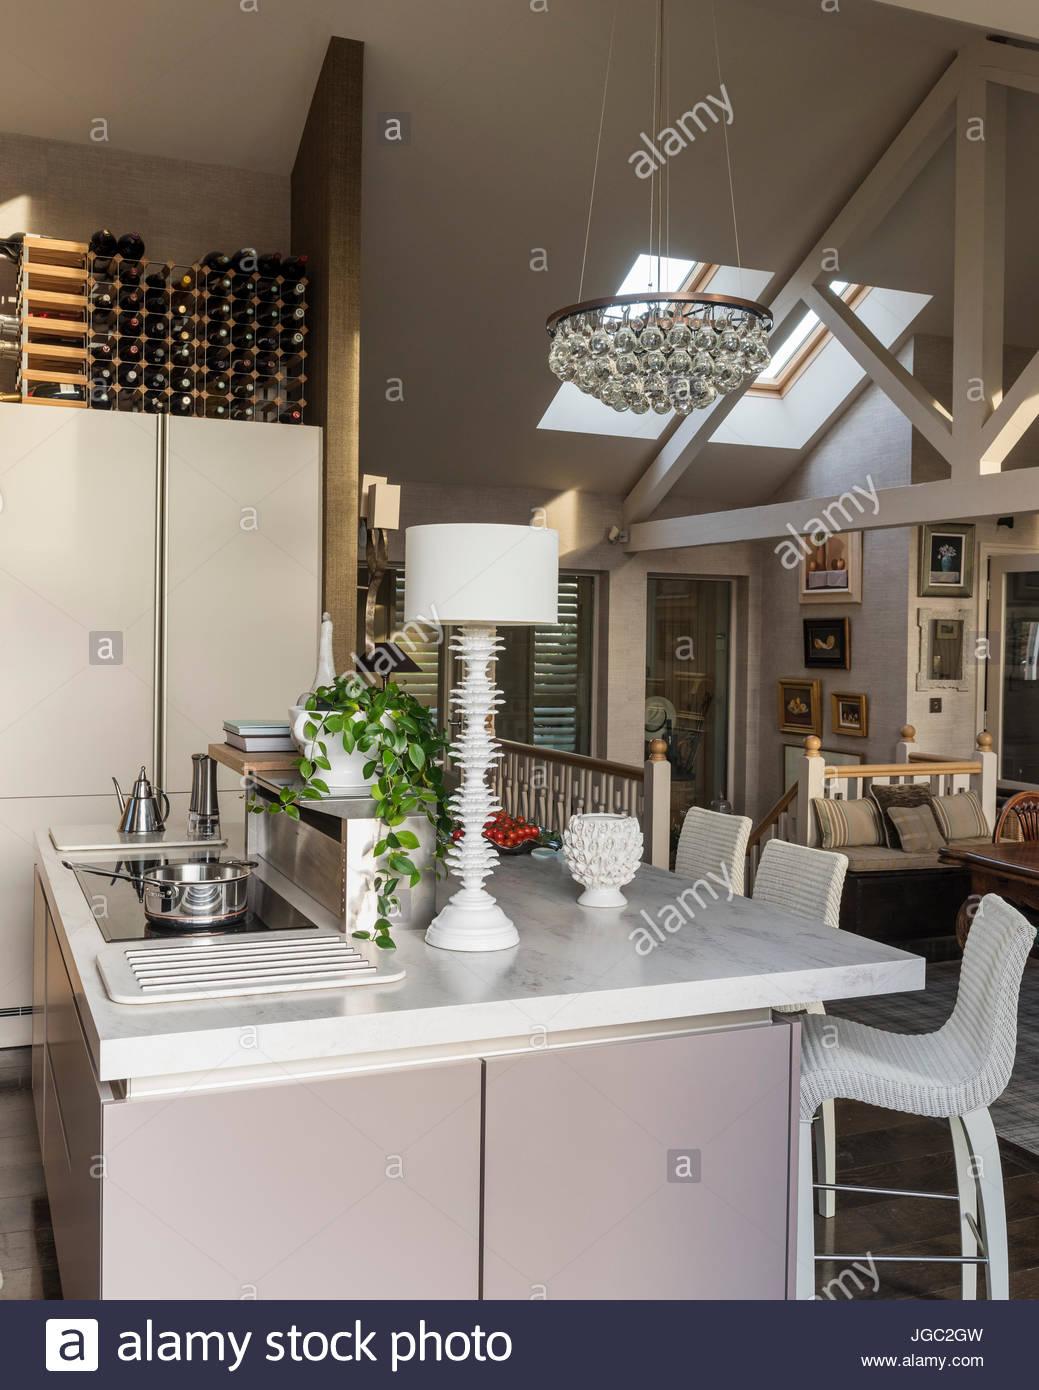 Lampadina pendente e rack di vino al di sopra di bar per la colazione in un telaio di cucina Immagini Stock